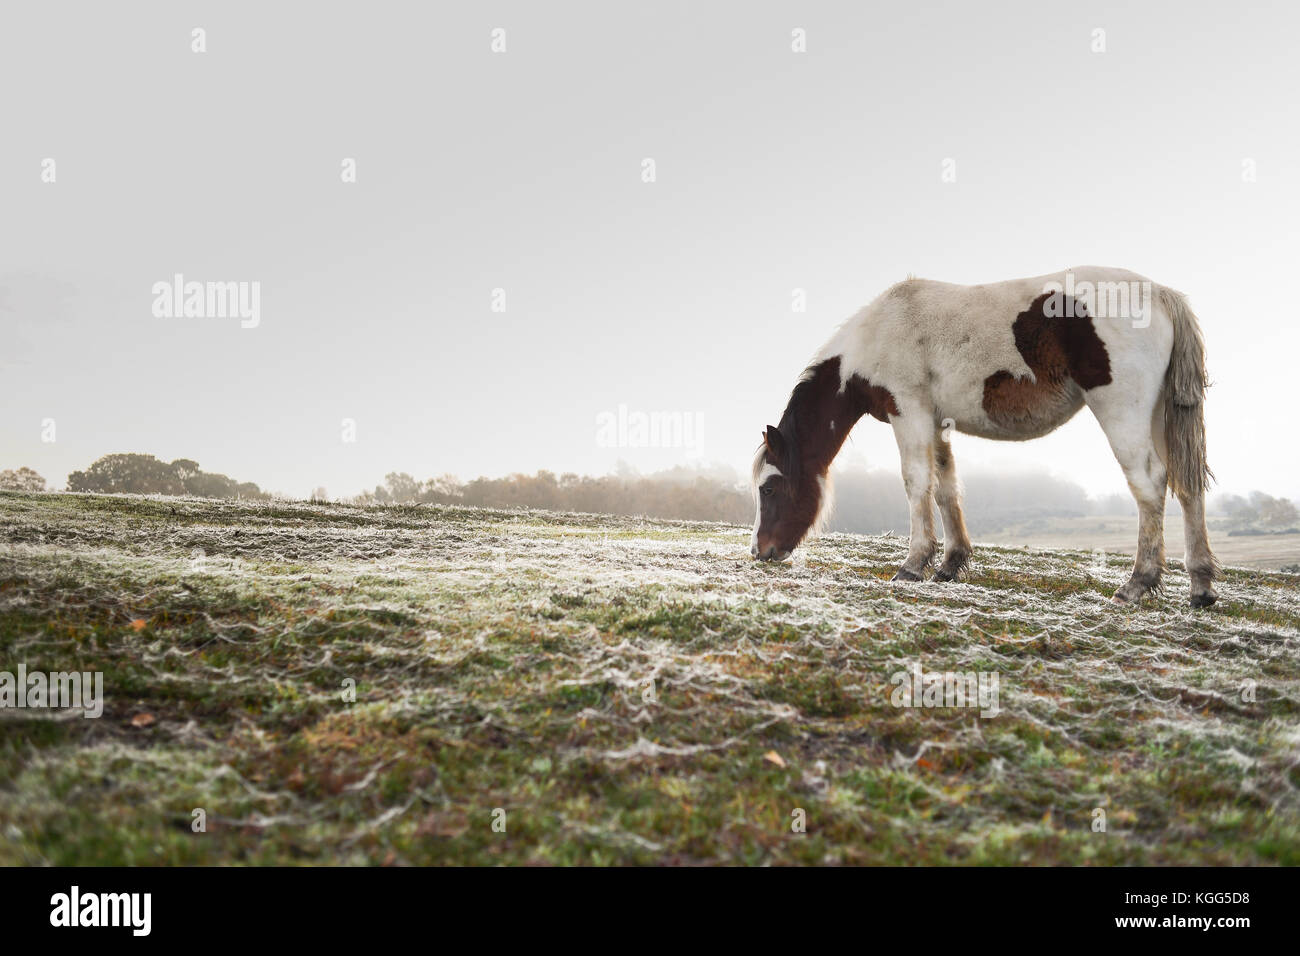 Un unico marrone e bianco cavallo al pascolo nelle prime ore del mattino in un giorno di nebbia con coperte di rugiada Immagini Stock